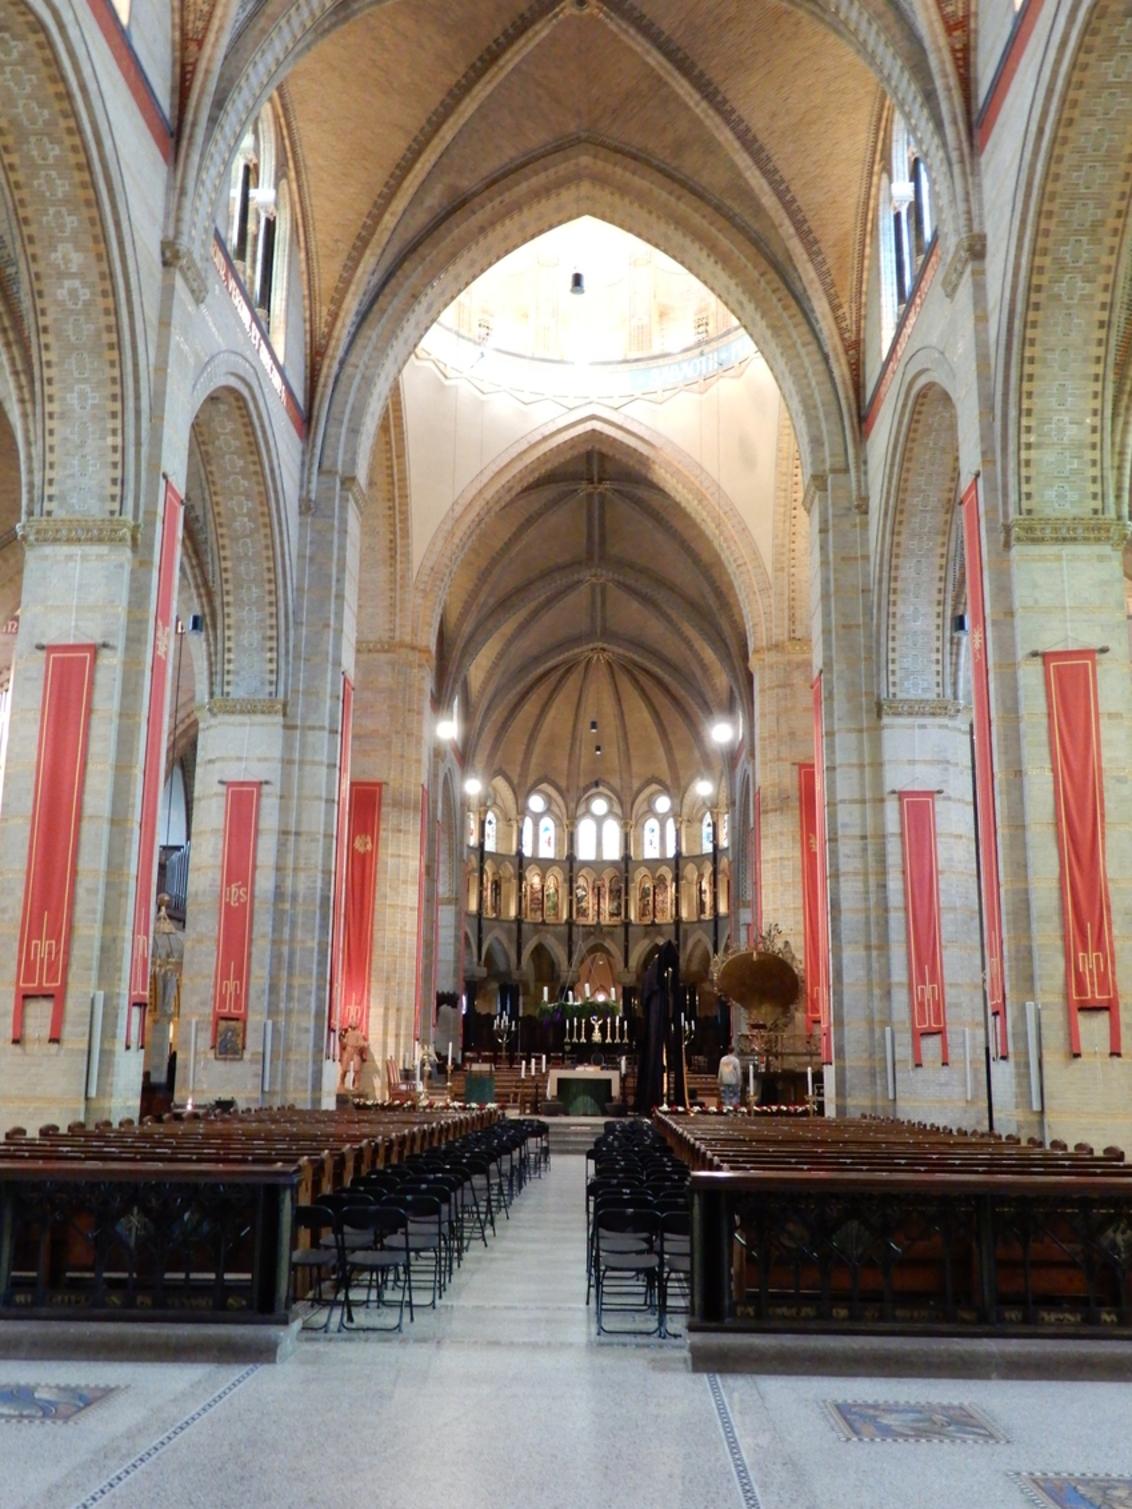 sint Bavo Basiliek Haarlem - KoepelKathedraal Haarlem  De KoepelKathedraal Haarlem is uniek en staat met de Sagrada Familia, de Sacré-Coeur, de Westminster Cathedral en de Basi - foto door Tonny1946 op 11-12-2020 - deze foto bevat: kerk, haarlem, basiliek, tentoonstelling, pilaren, banken, gewelven, Sint Bavo, leidse vaart, 2019, glasinlood ramen, kerststalletjes